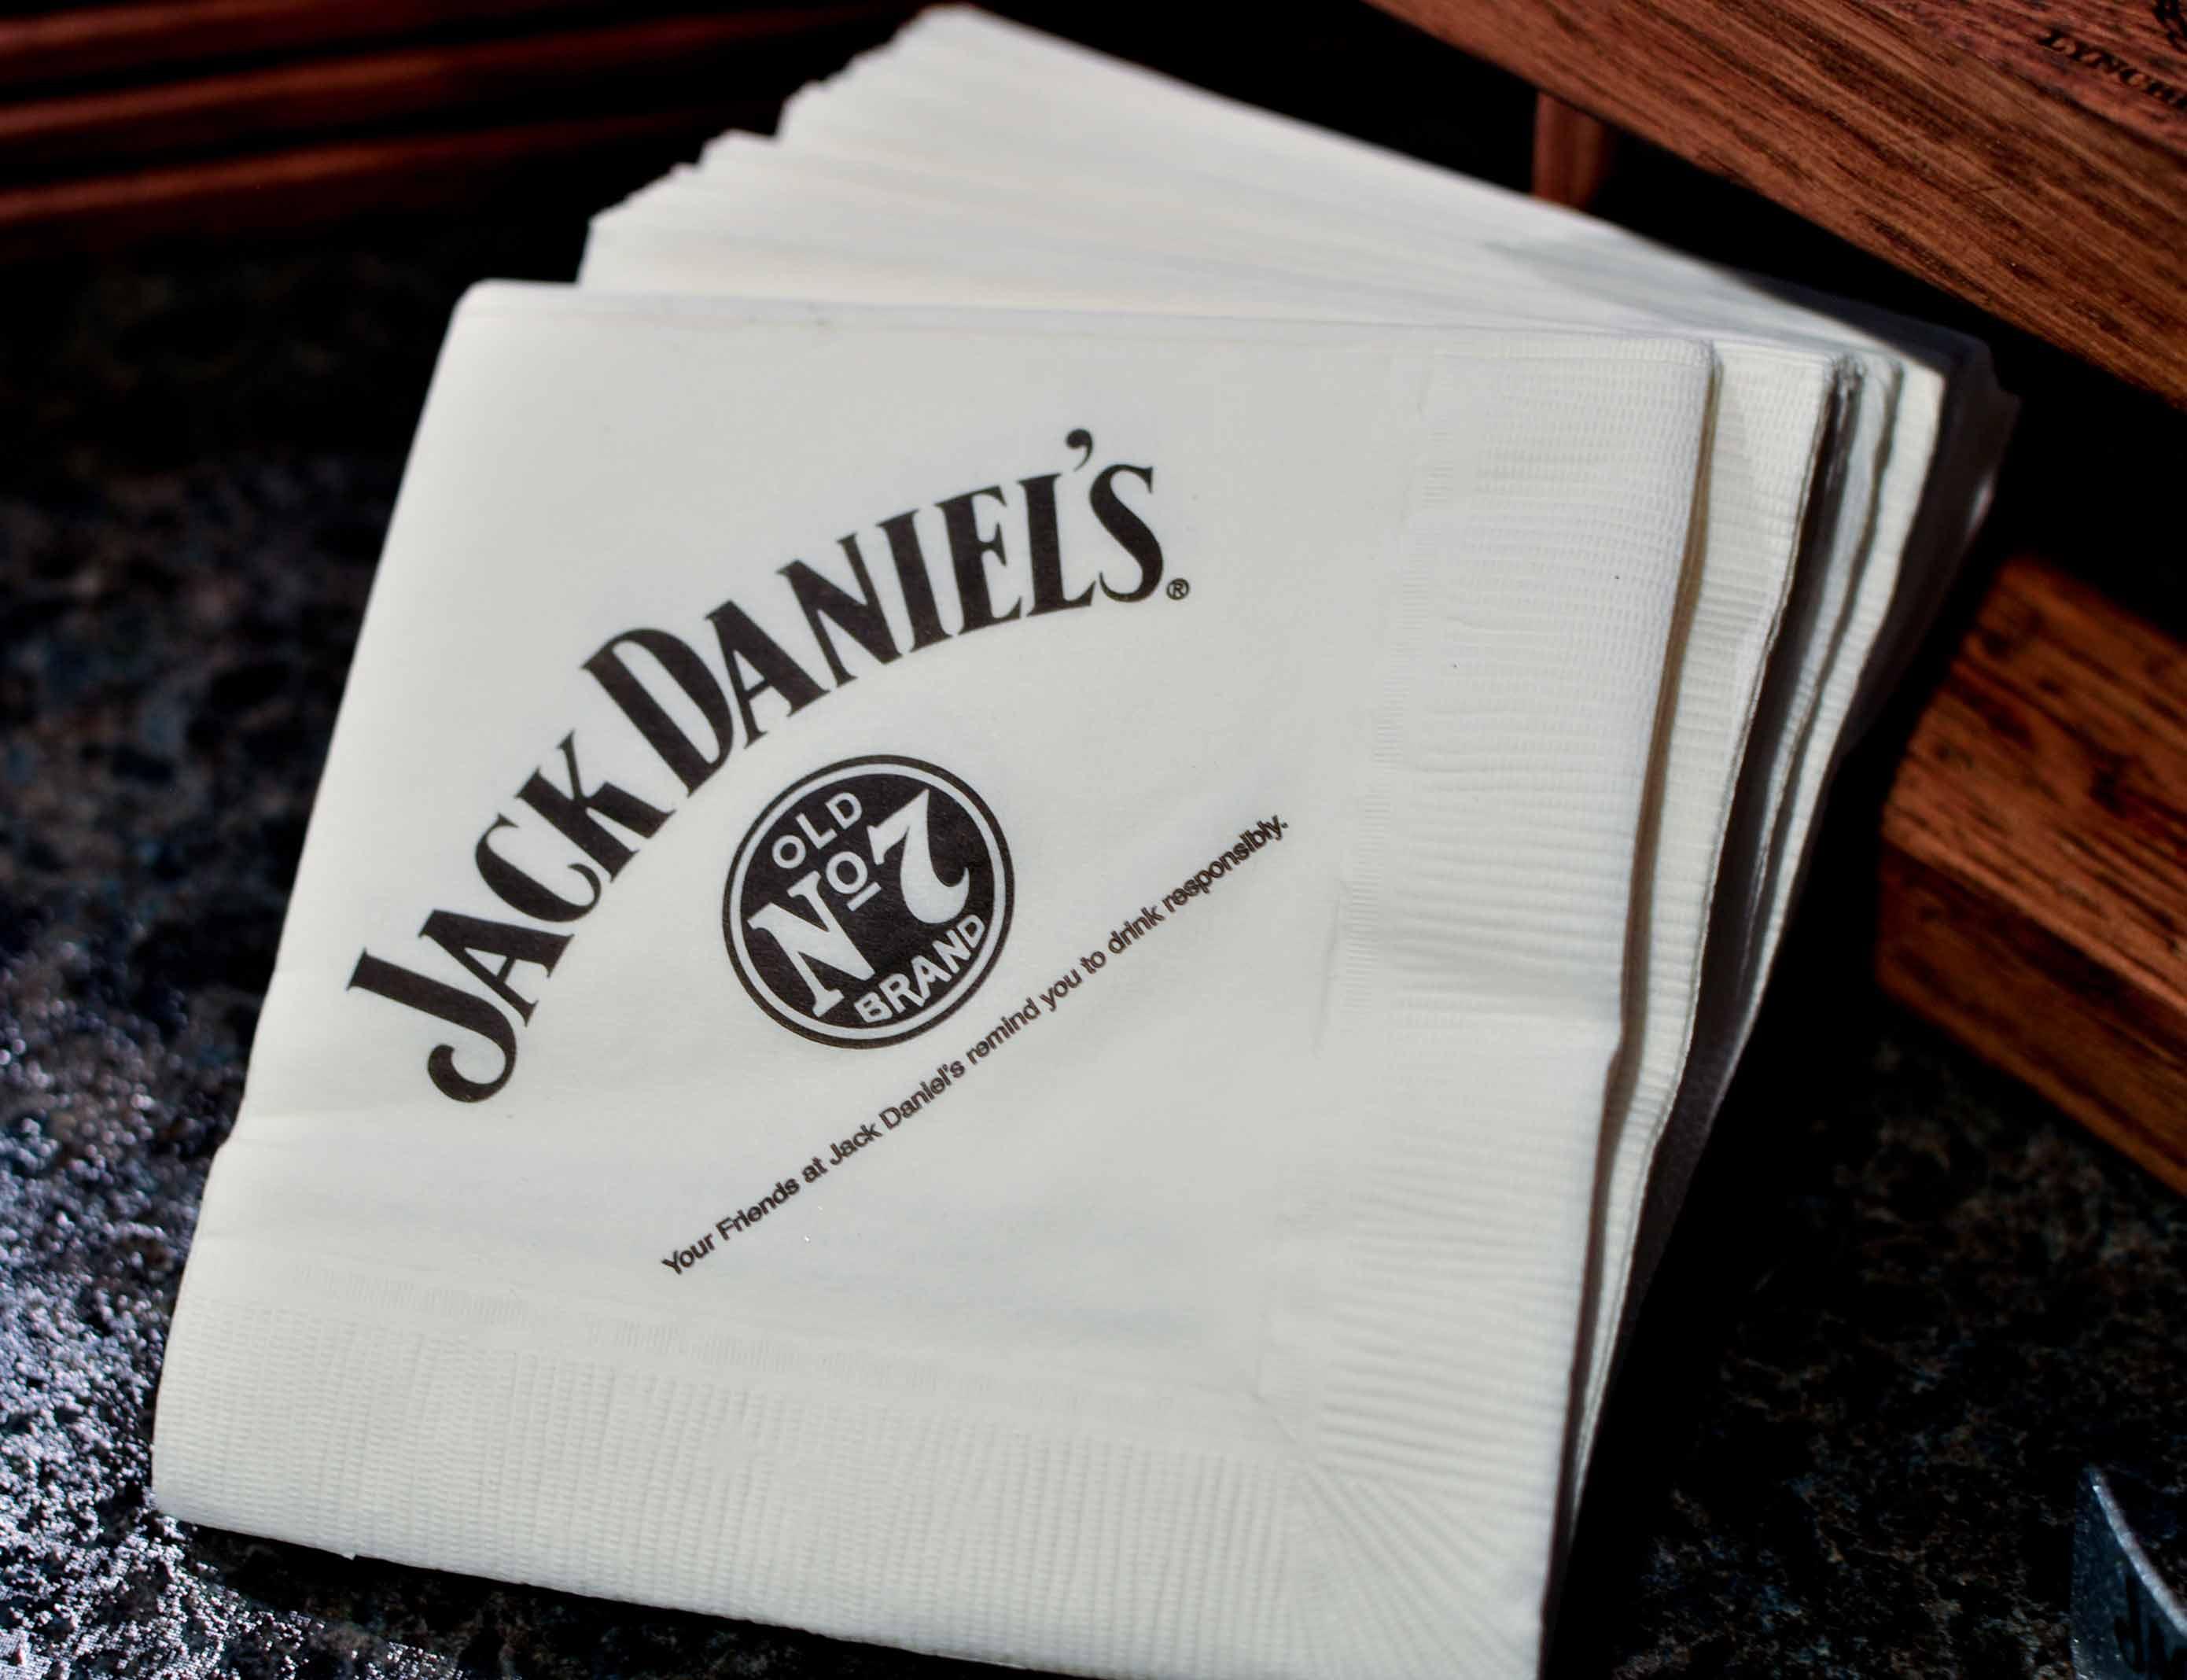 Идеи за брандиране от печати Модико- брандиране върху салфетки